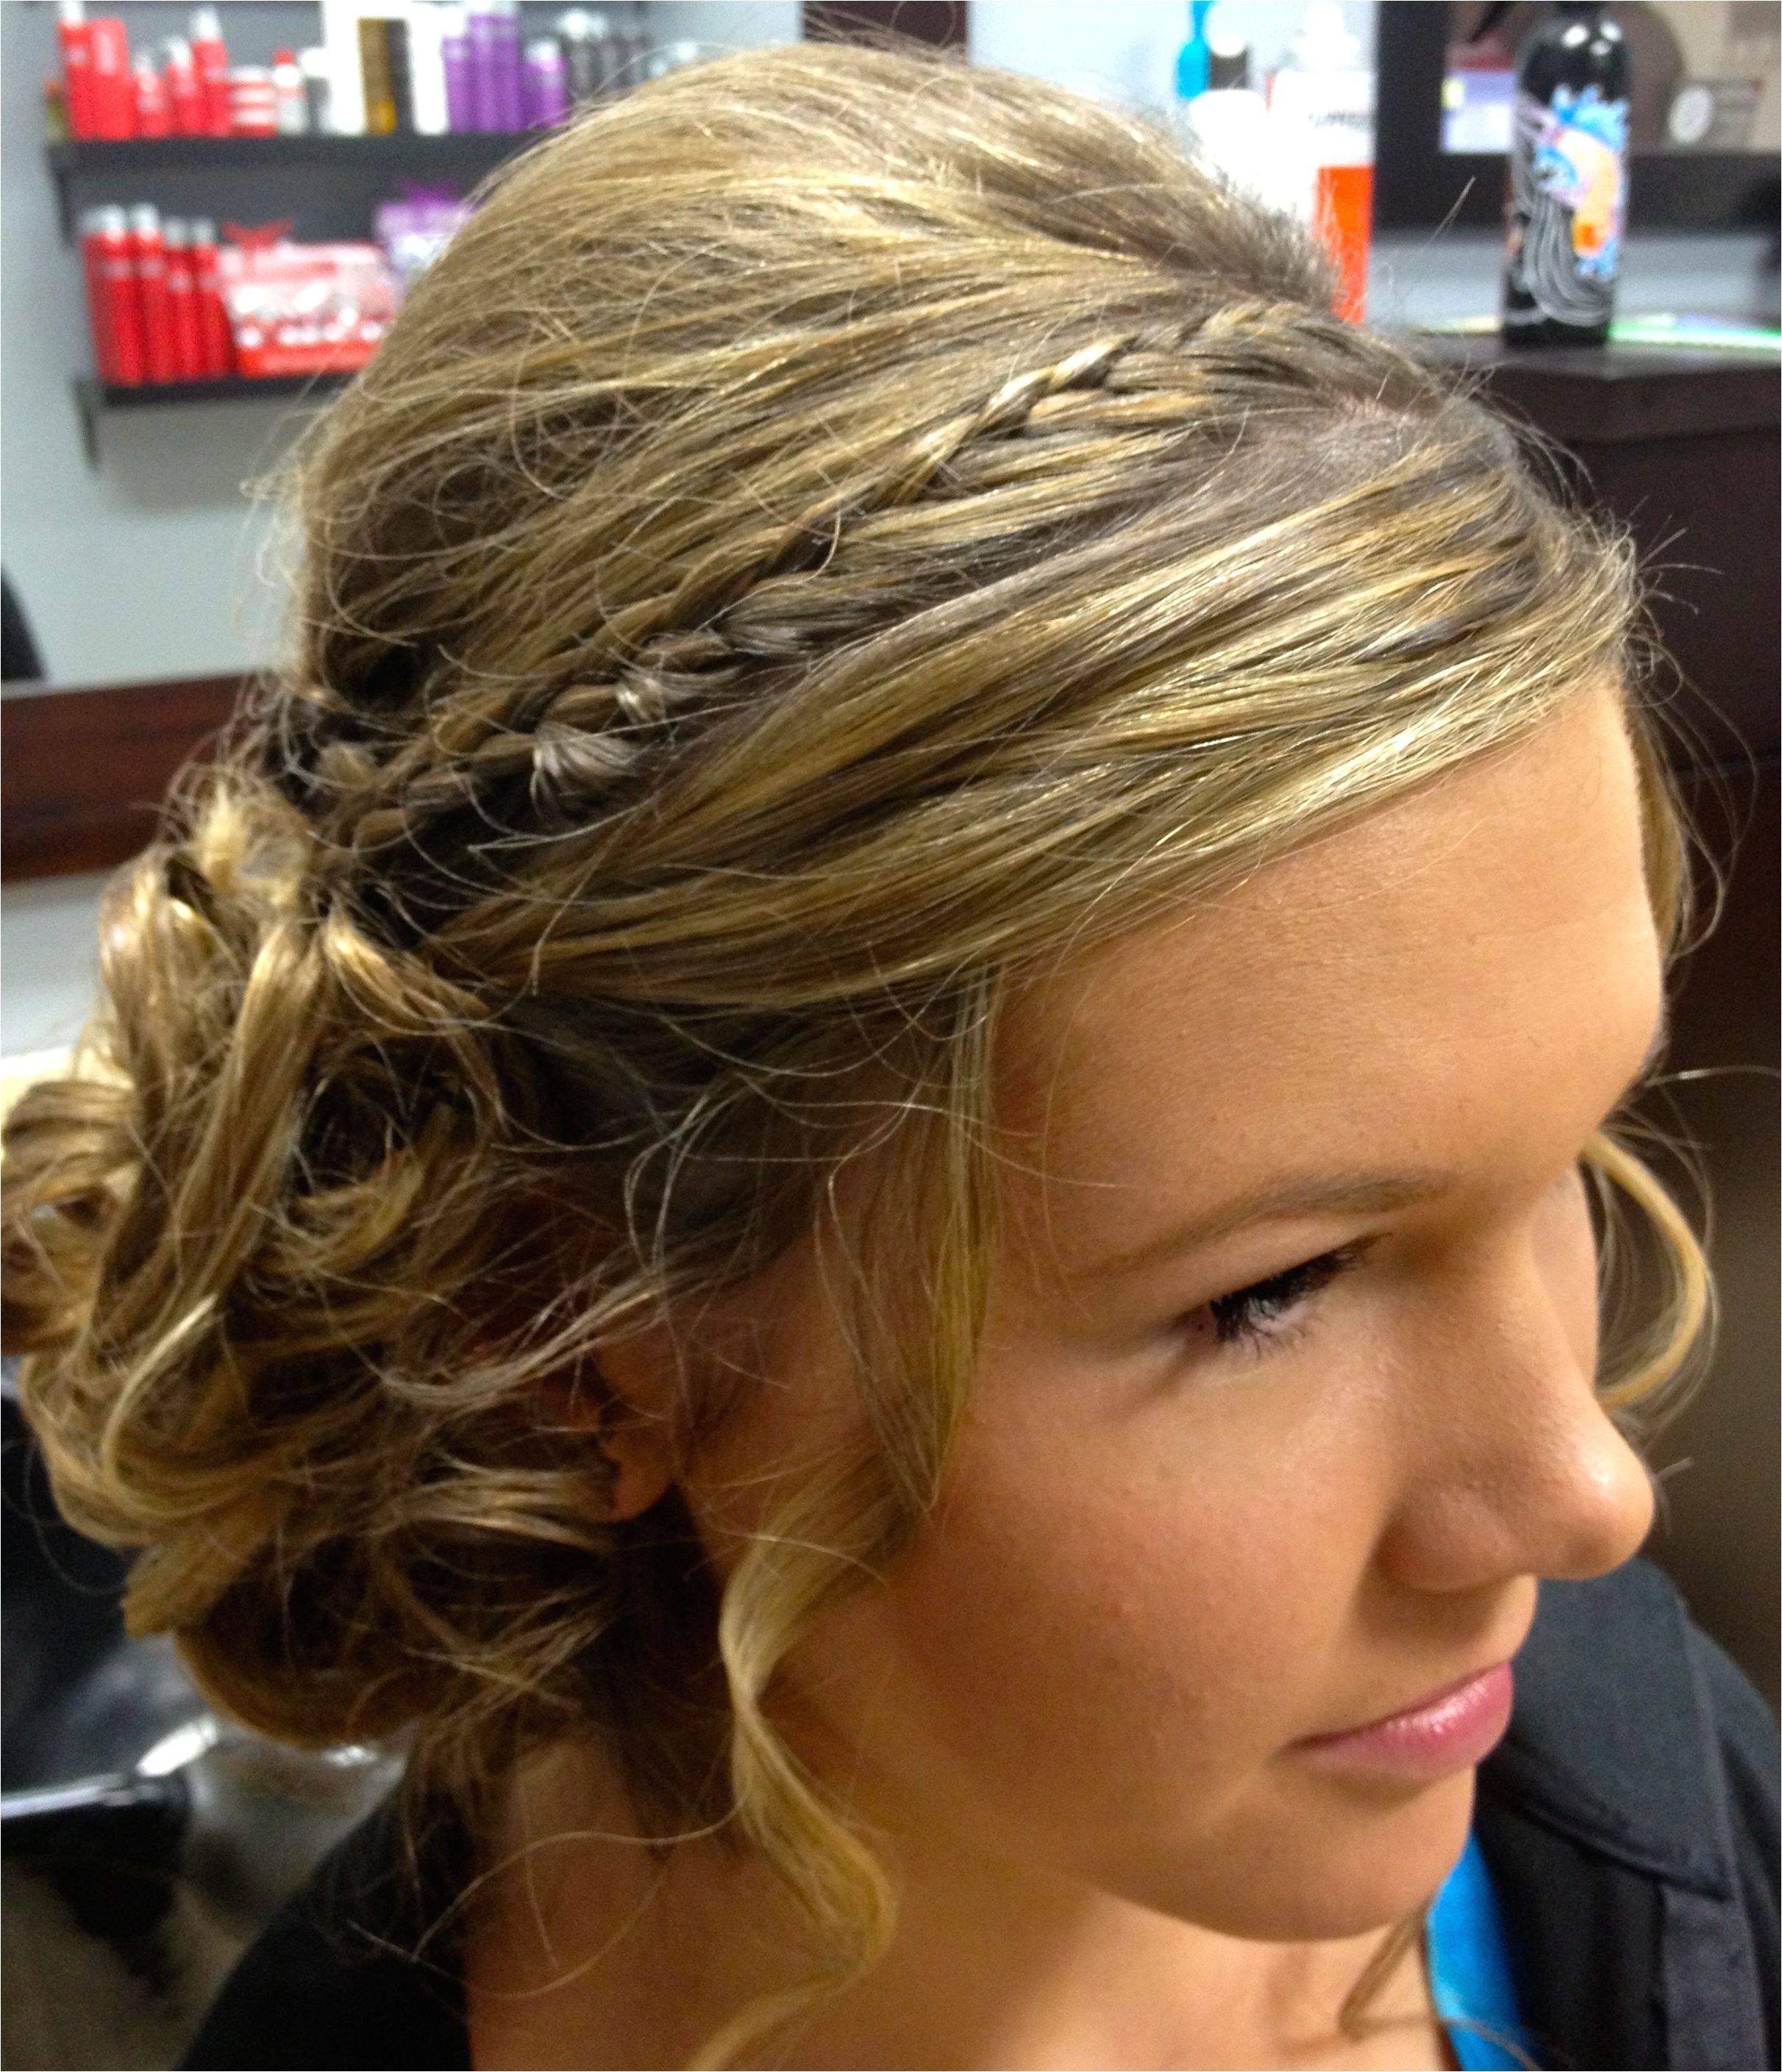 Pin Up Hairstyles for Medium Hair Short Hairstyle Best Fabulous Hairstyles for Short Medium Hair